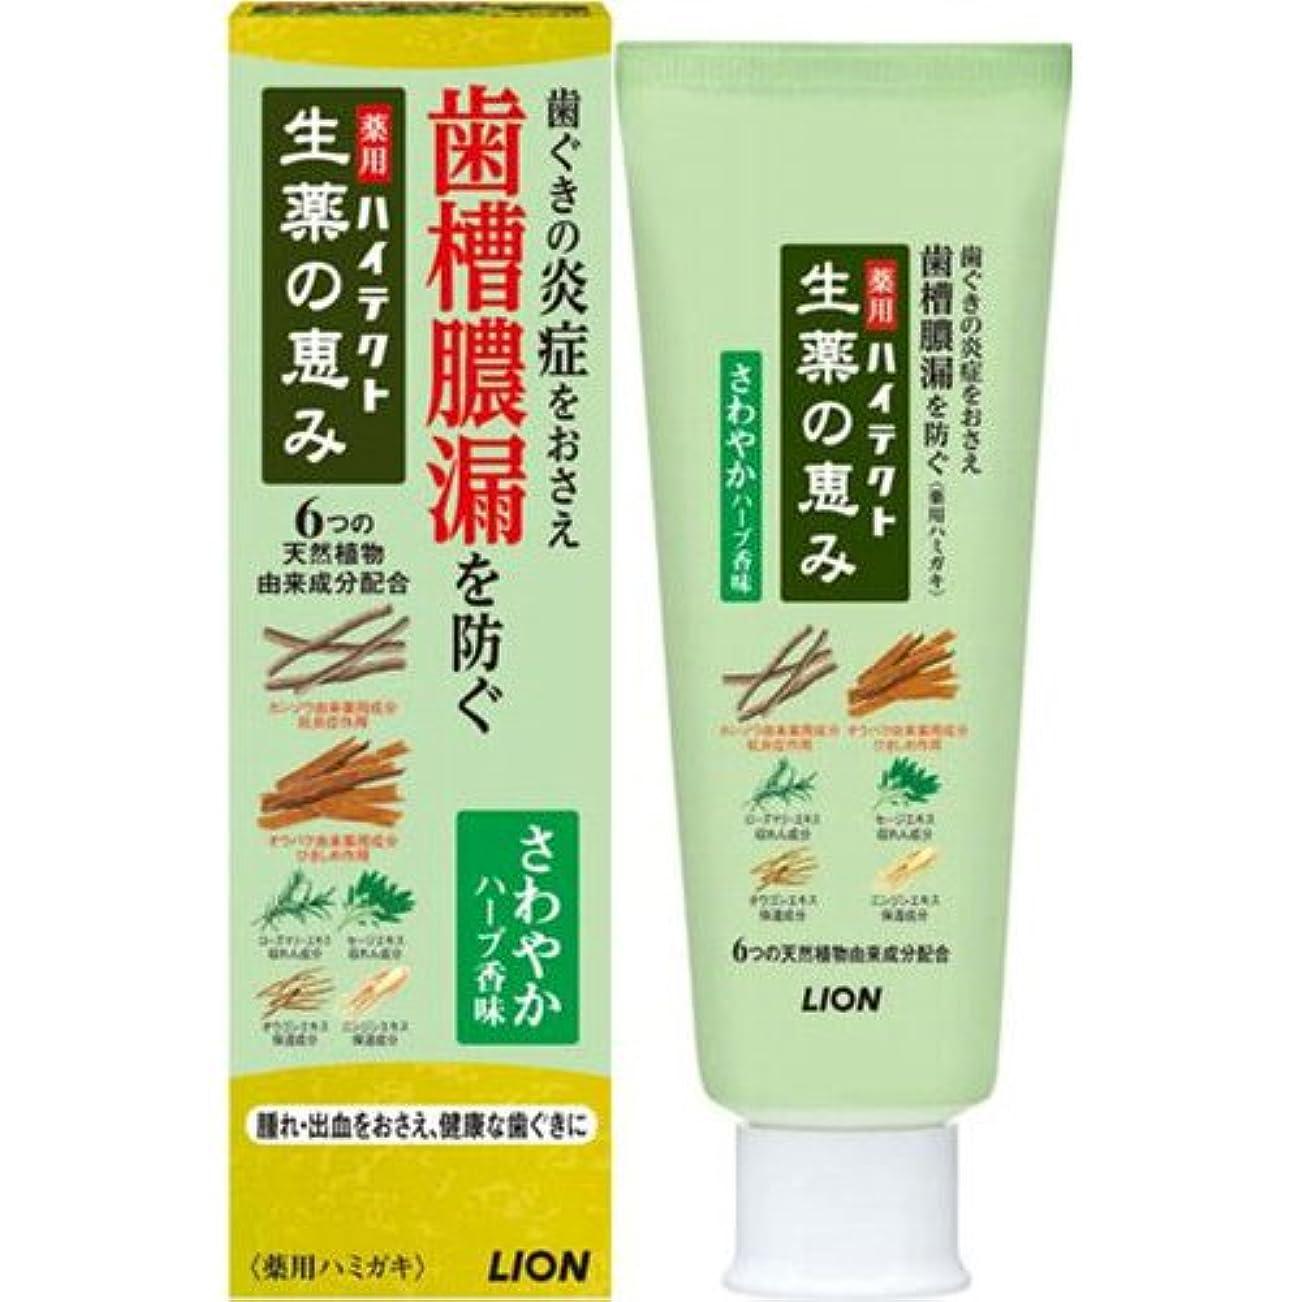 腐敗ジムドーム【ライオン】ハイテクト 生薬の恵み さわやかハーブ香味 90g ×3個セット